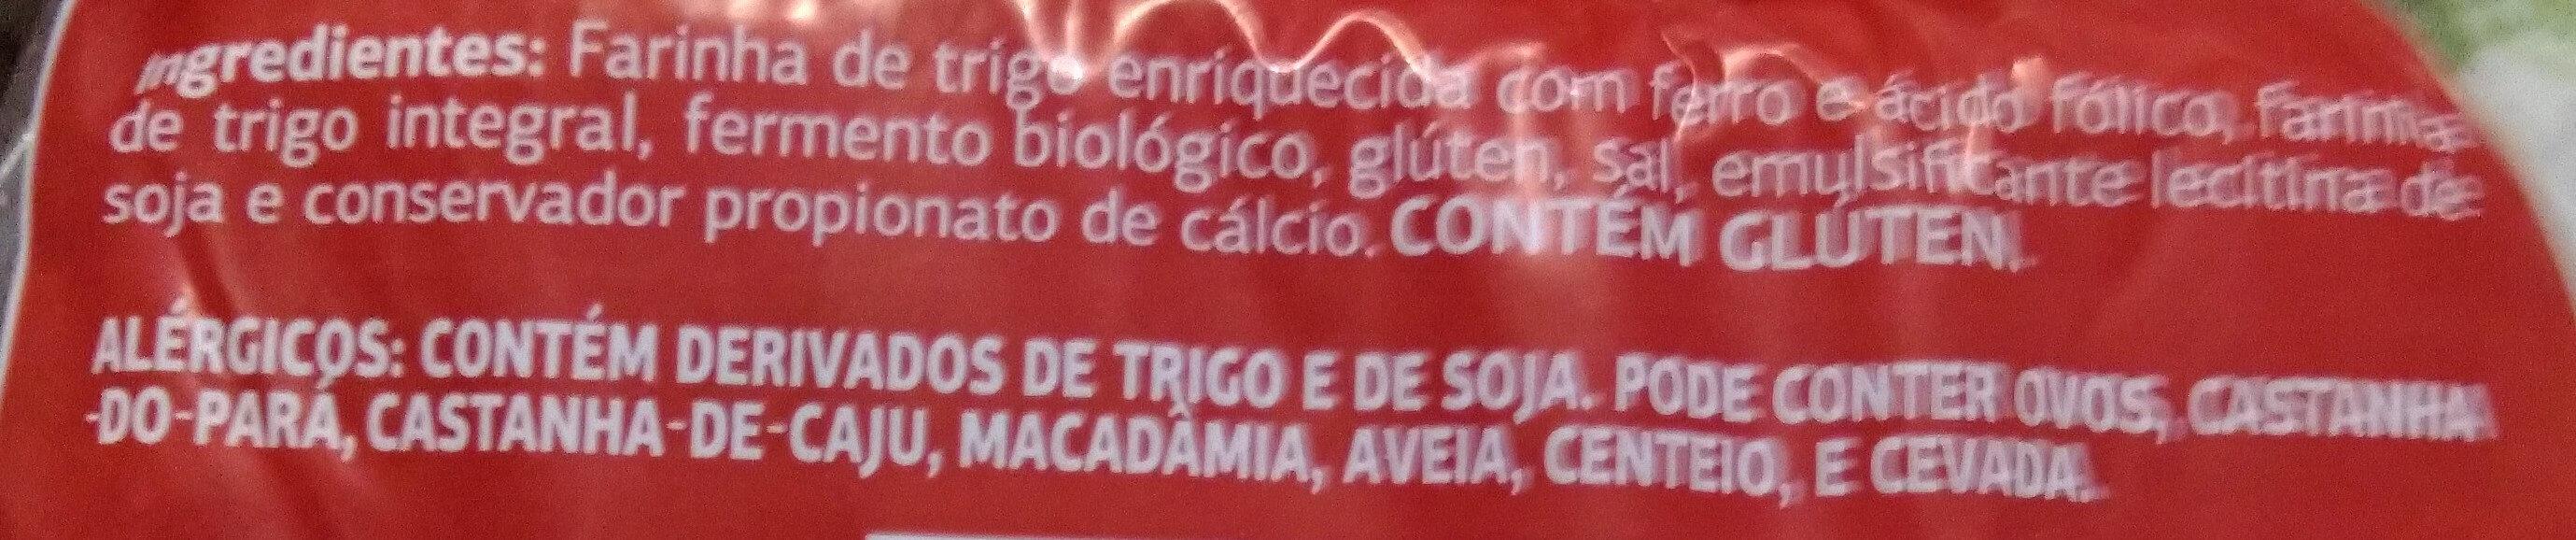 Pão integral - Ingredientes - pt